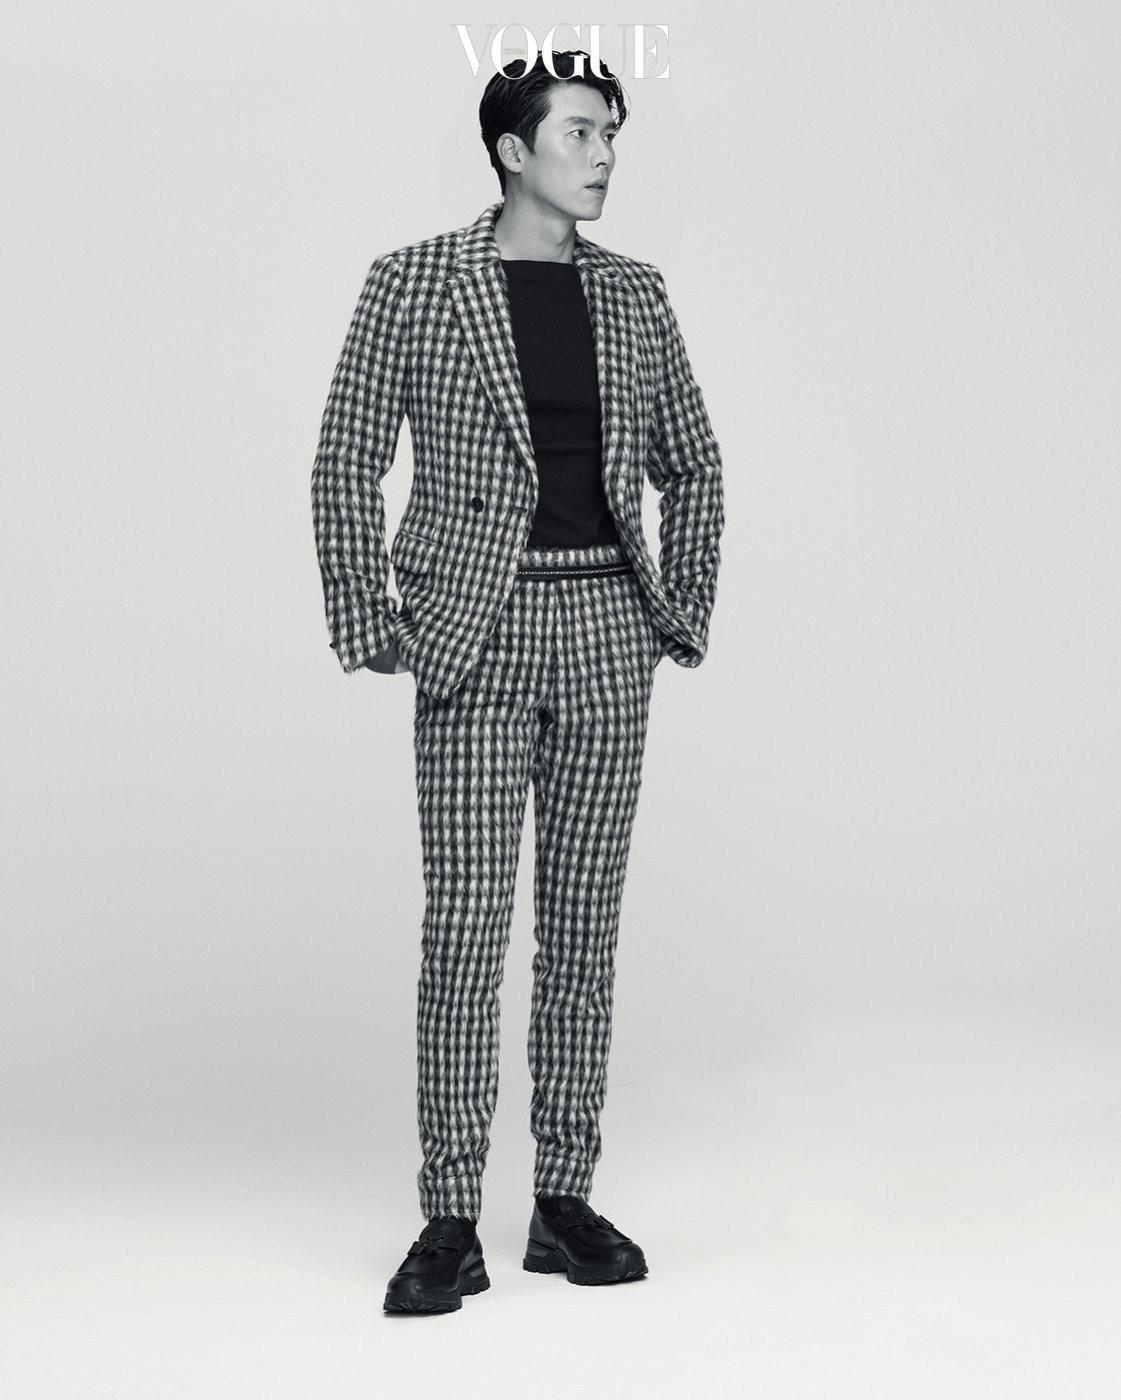 'Chị đẹp' Son Ye Jin tình tứ bên bạn trai cũ của Song Hye Kyo ảnh 11